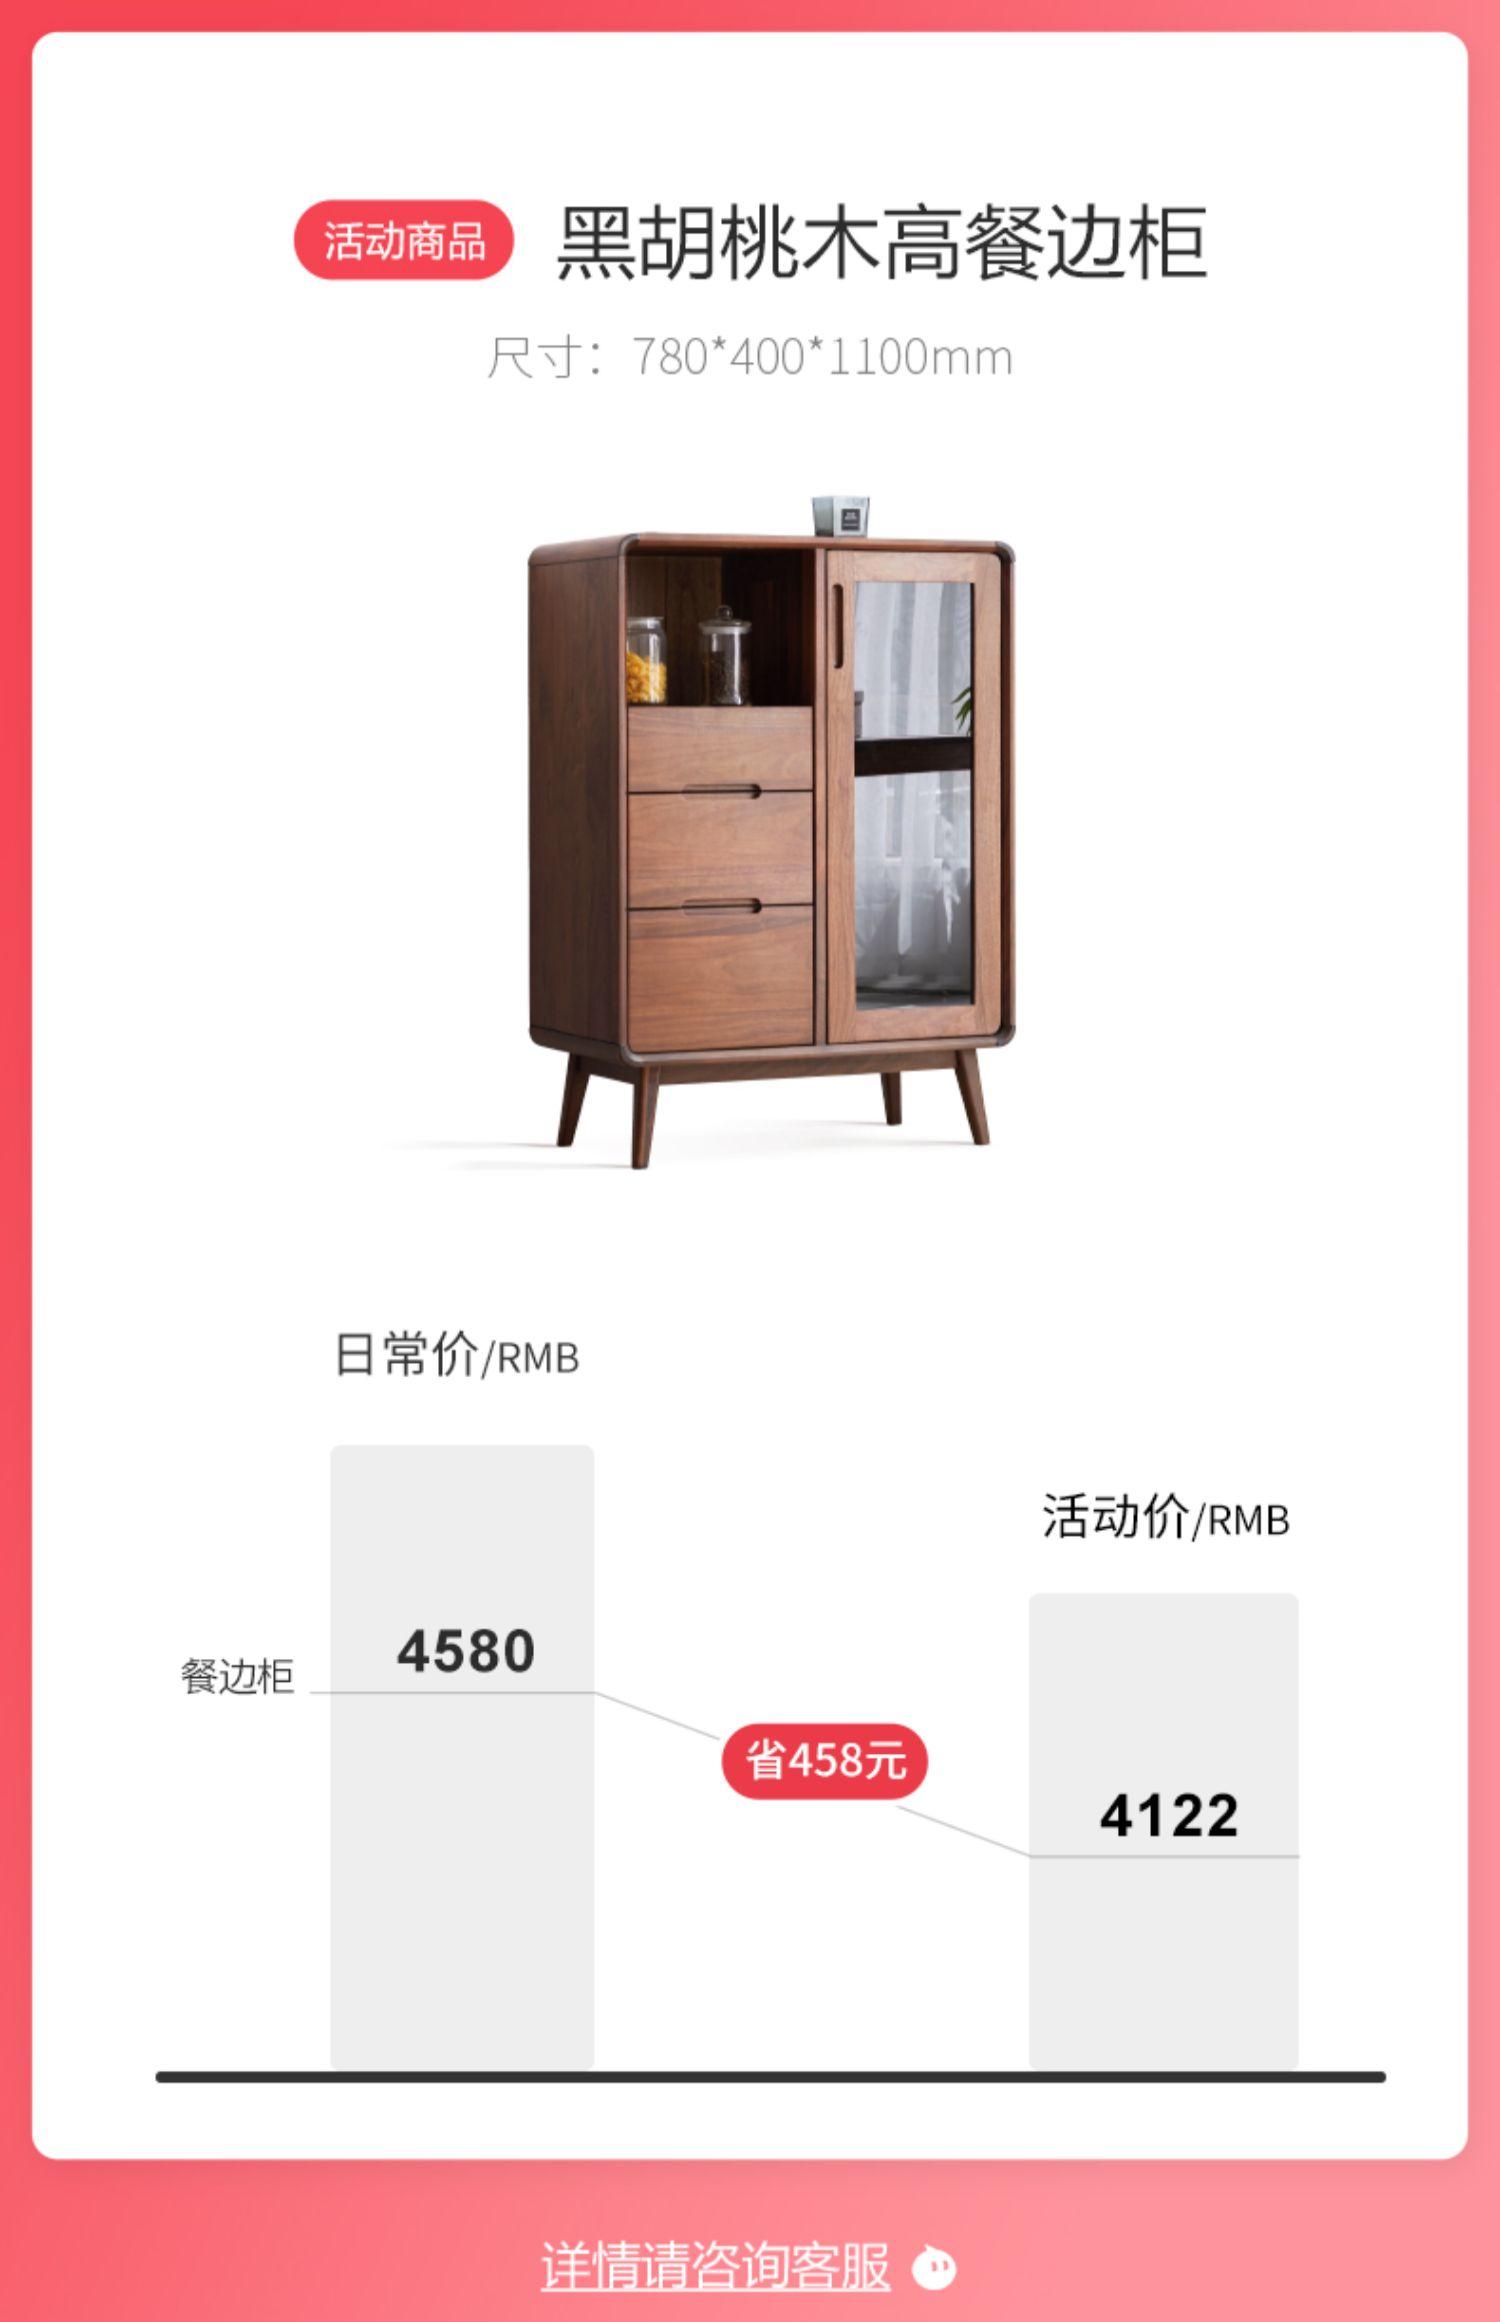 源氏木语实木餐边柜北欧黑胡桃木茶水柜现代简约家用环保厨房柜子商品详情图